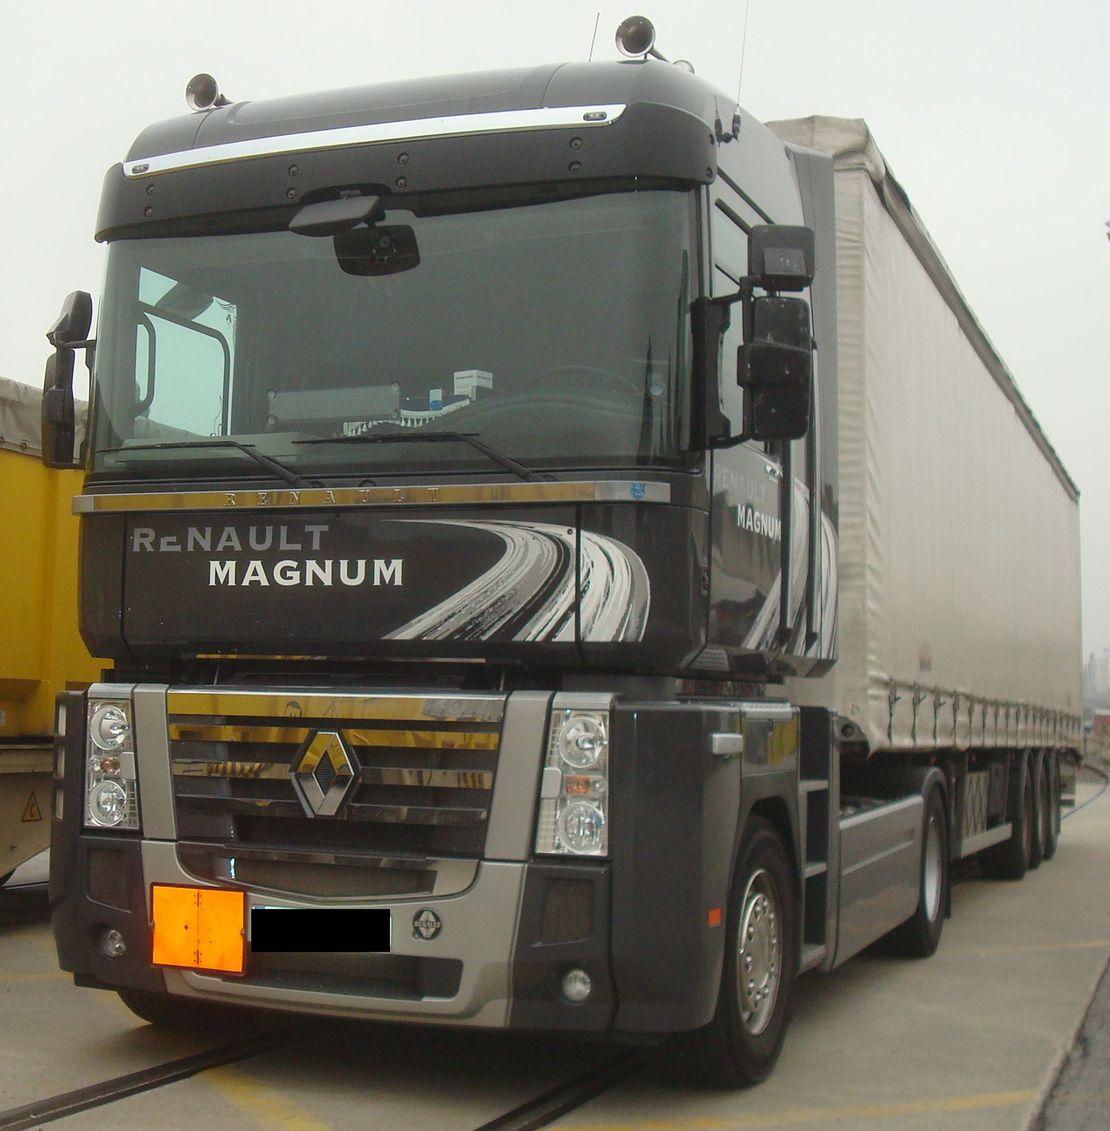 renault magnum france camion poids lourds renault trucks f autoalmanach partage de. Black Bedroom Furniture Sets. Home Design Ideas